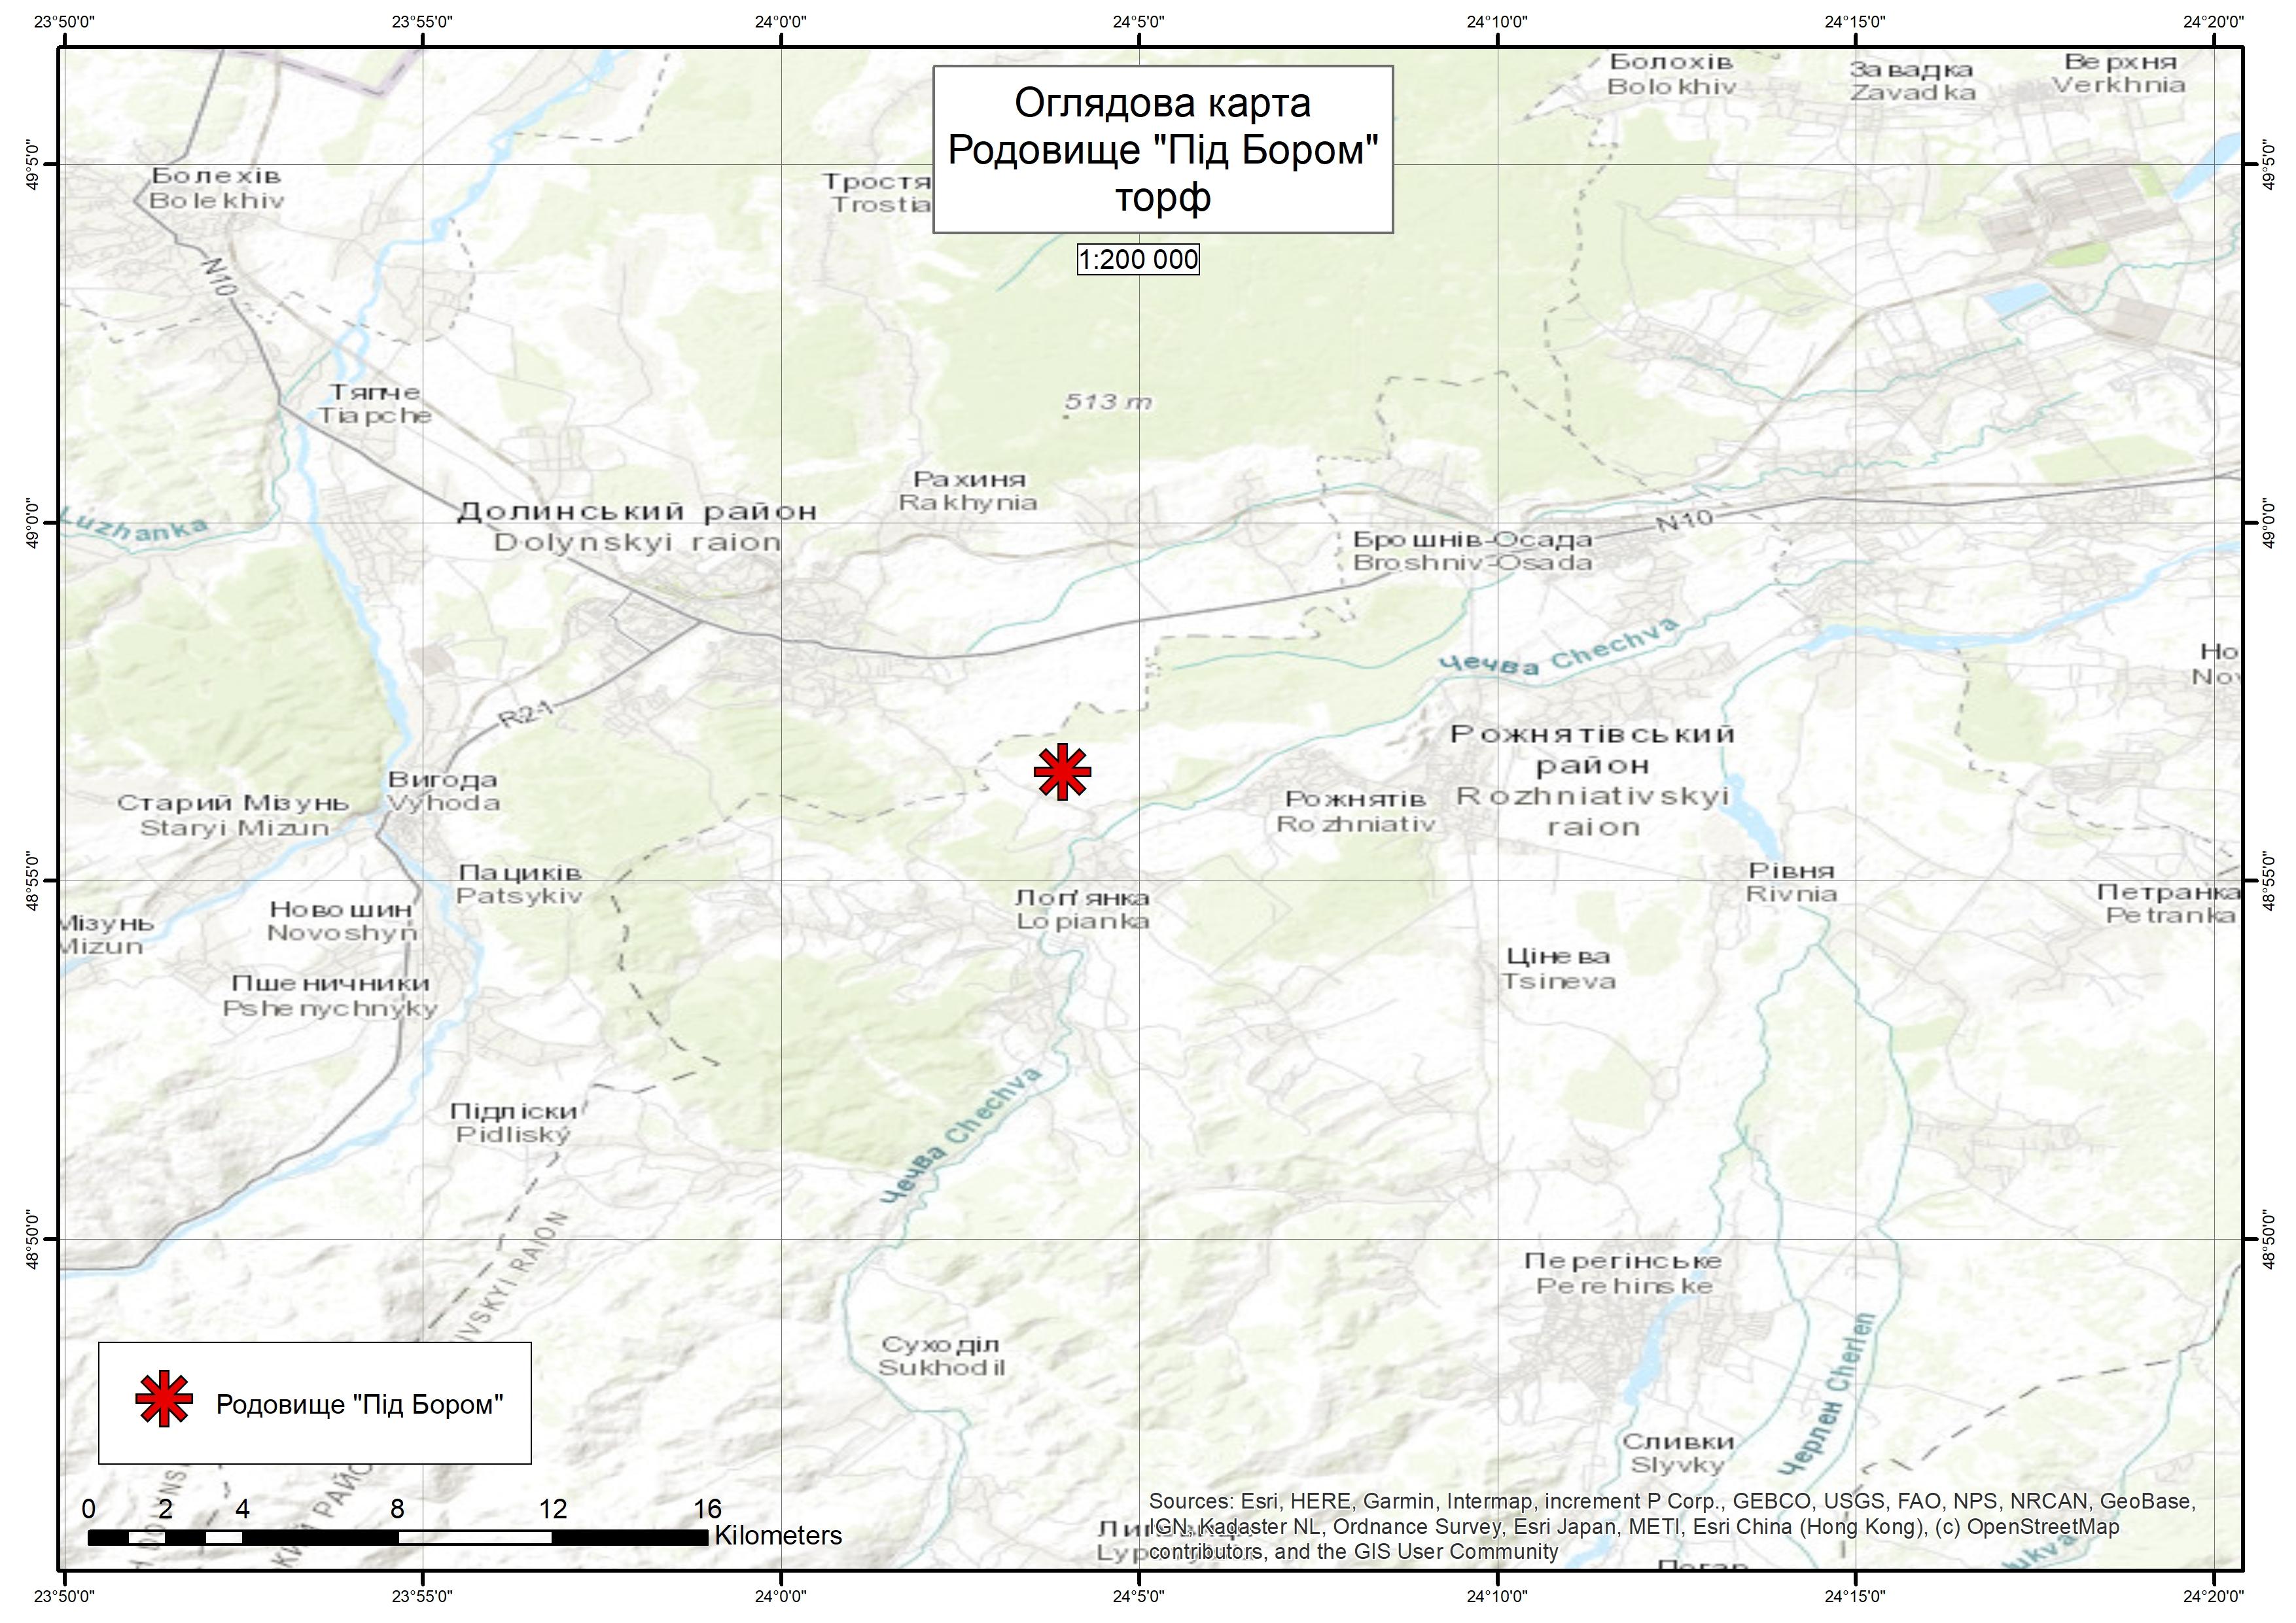 Спеціальний дозвіл на користування надрами – Родовище «Під Бором». Вартість геологічної інформації – 87 168,74 грн (з ПДВ). Вартість пакету аукціонної документації – 18 839,25 грн (з ПДВ).